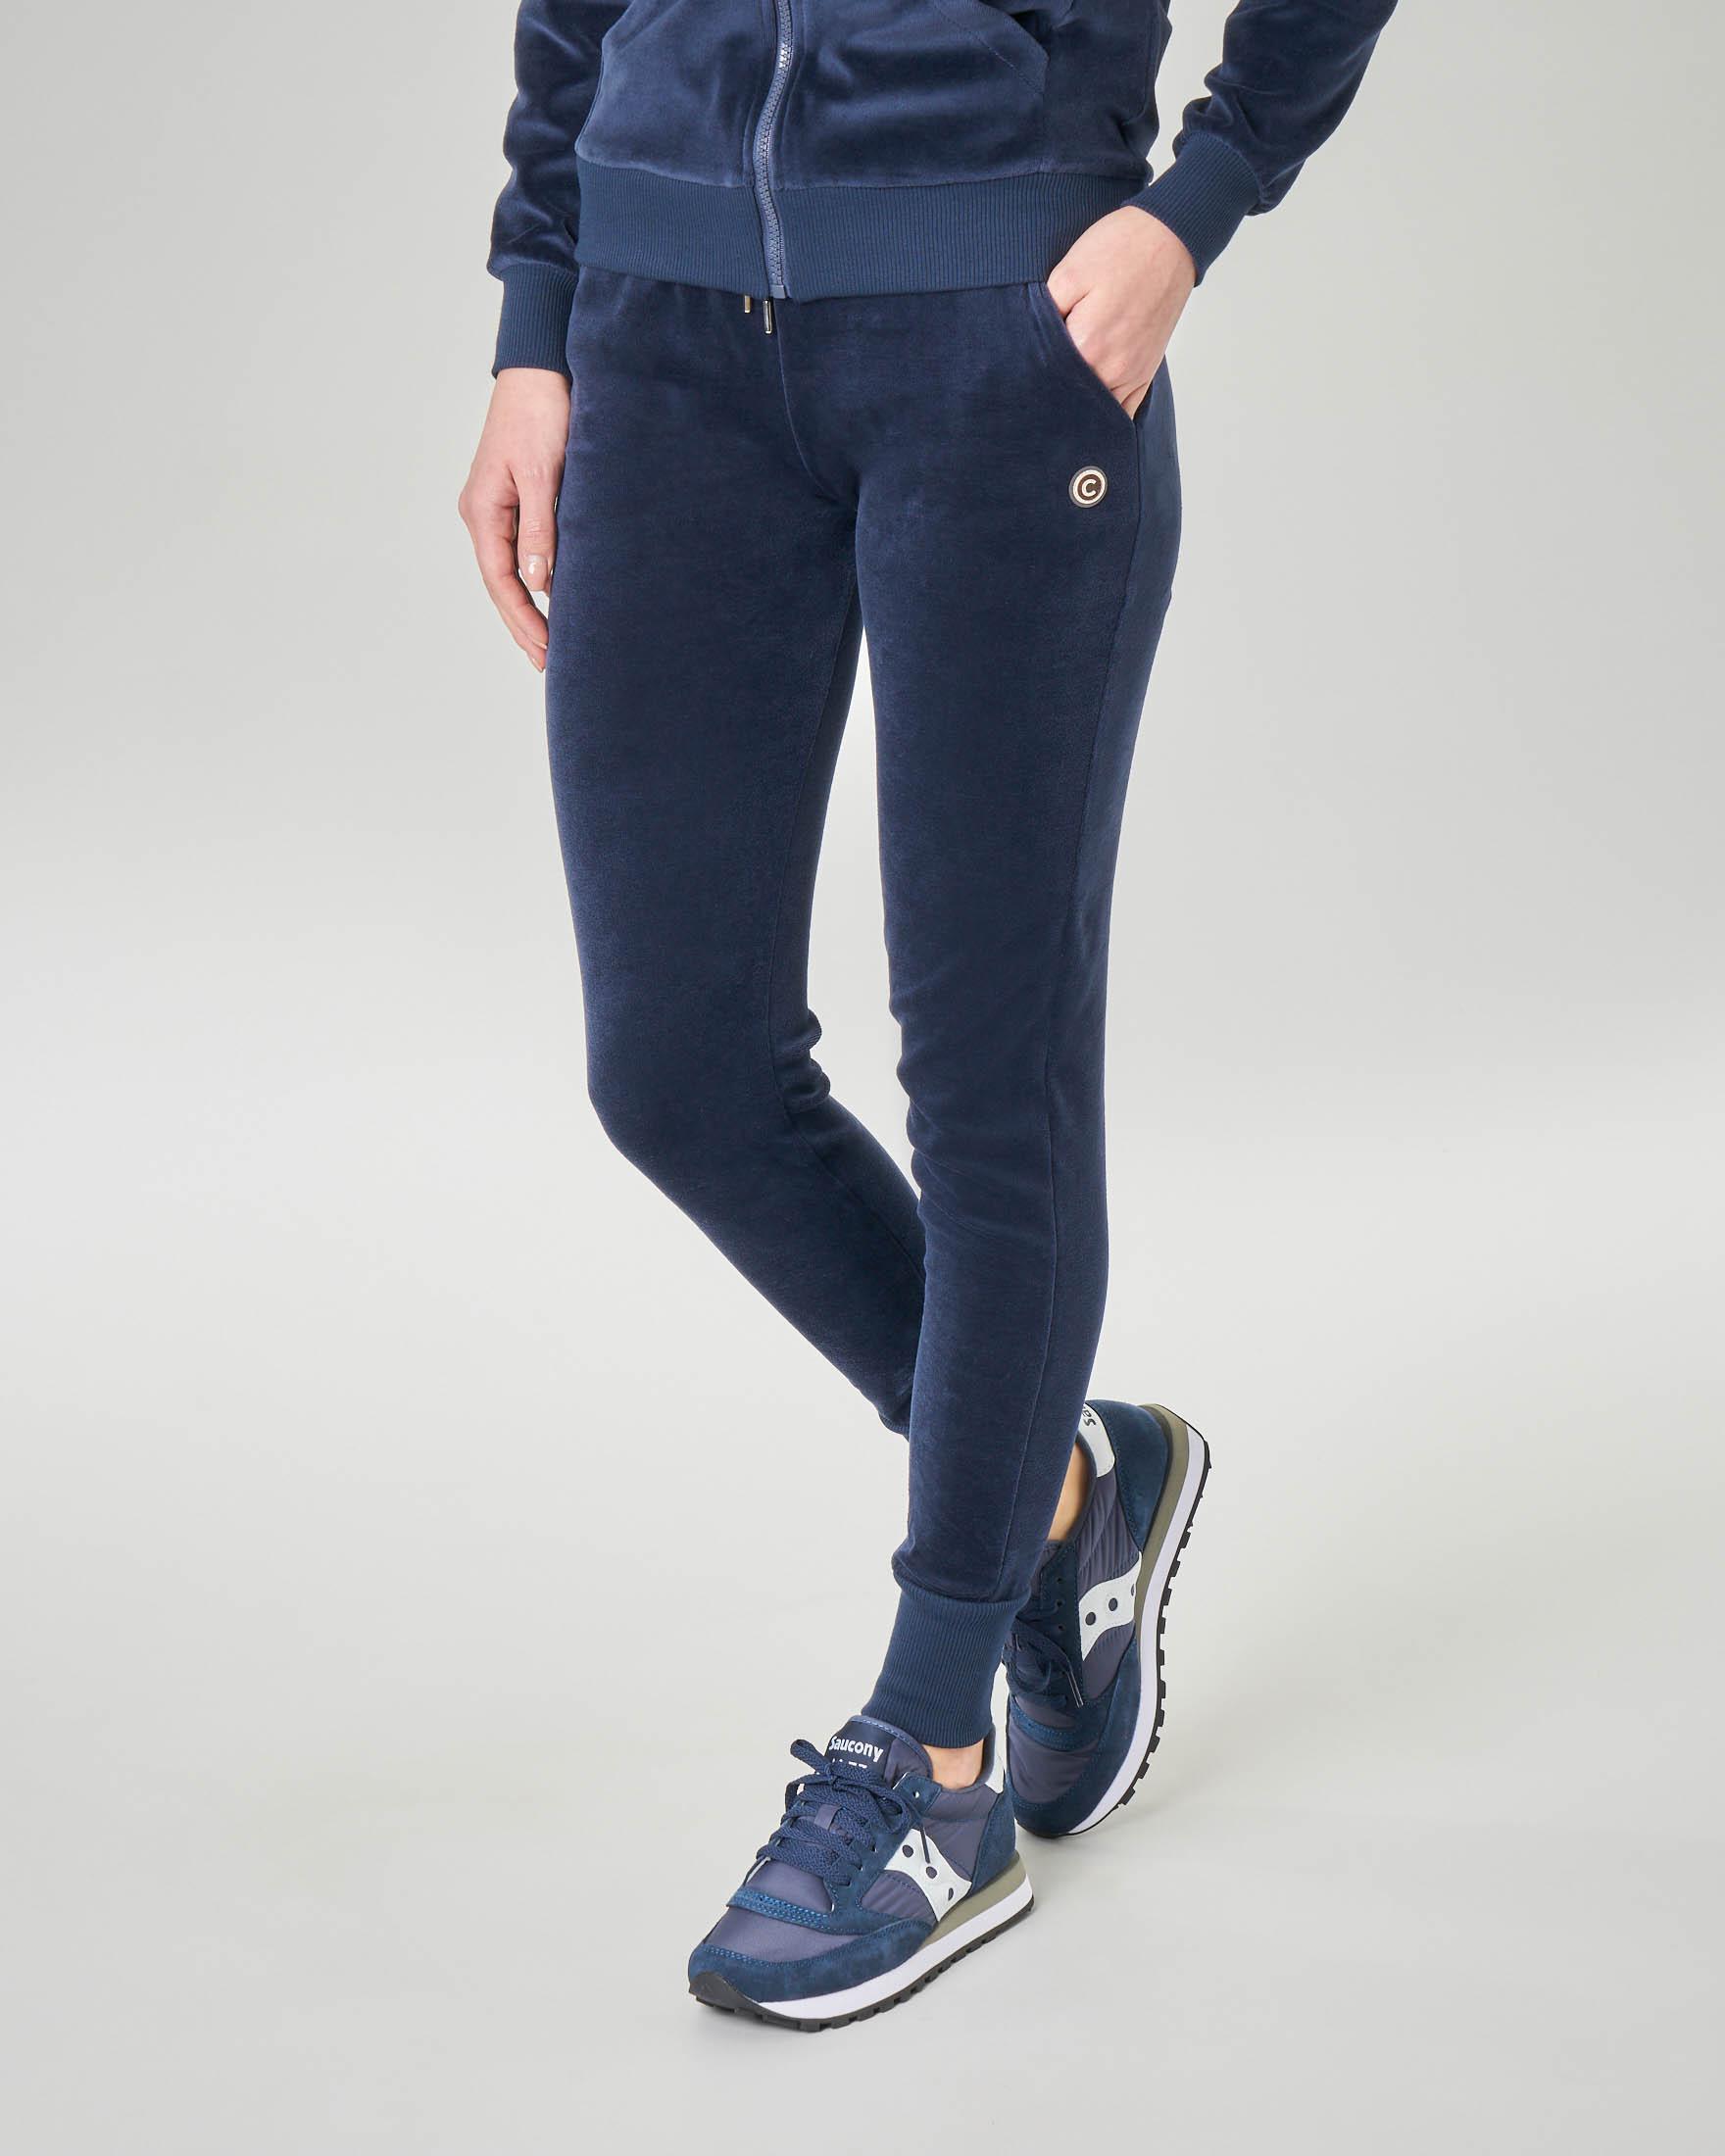 Pantaloni joggers blu in ciniglia di cotone